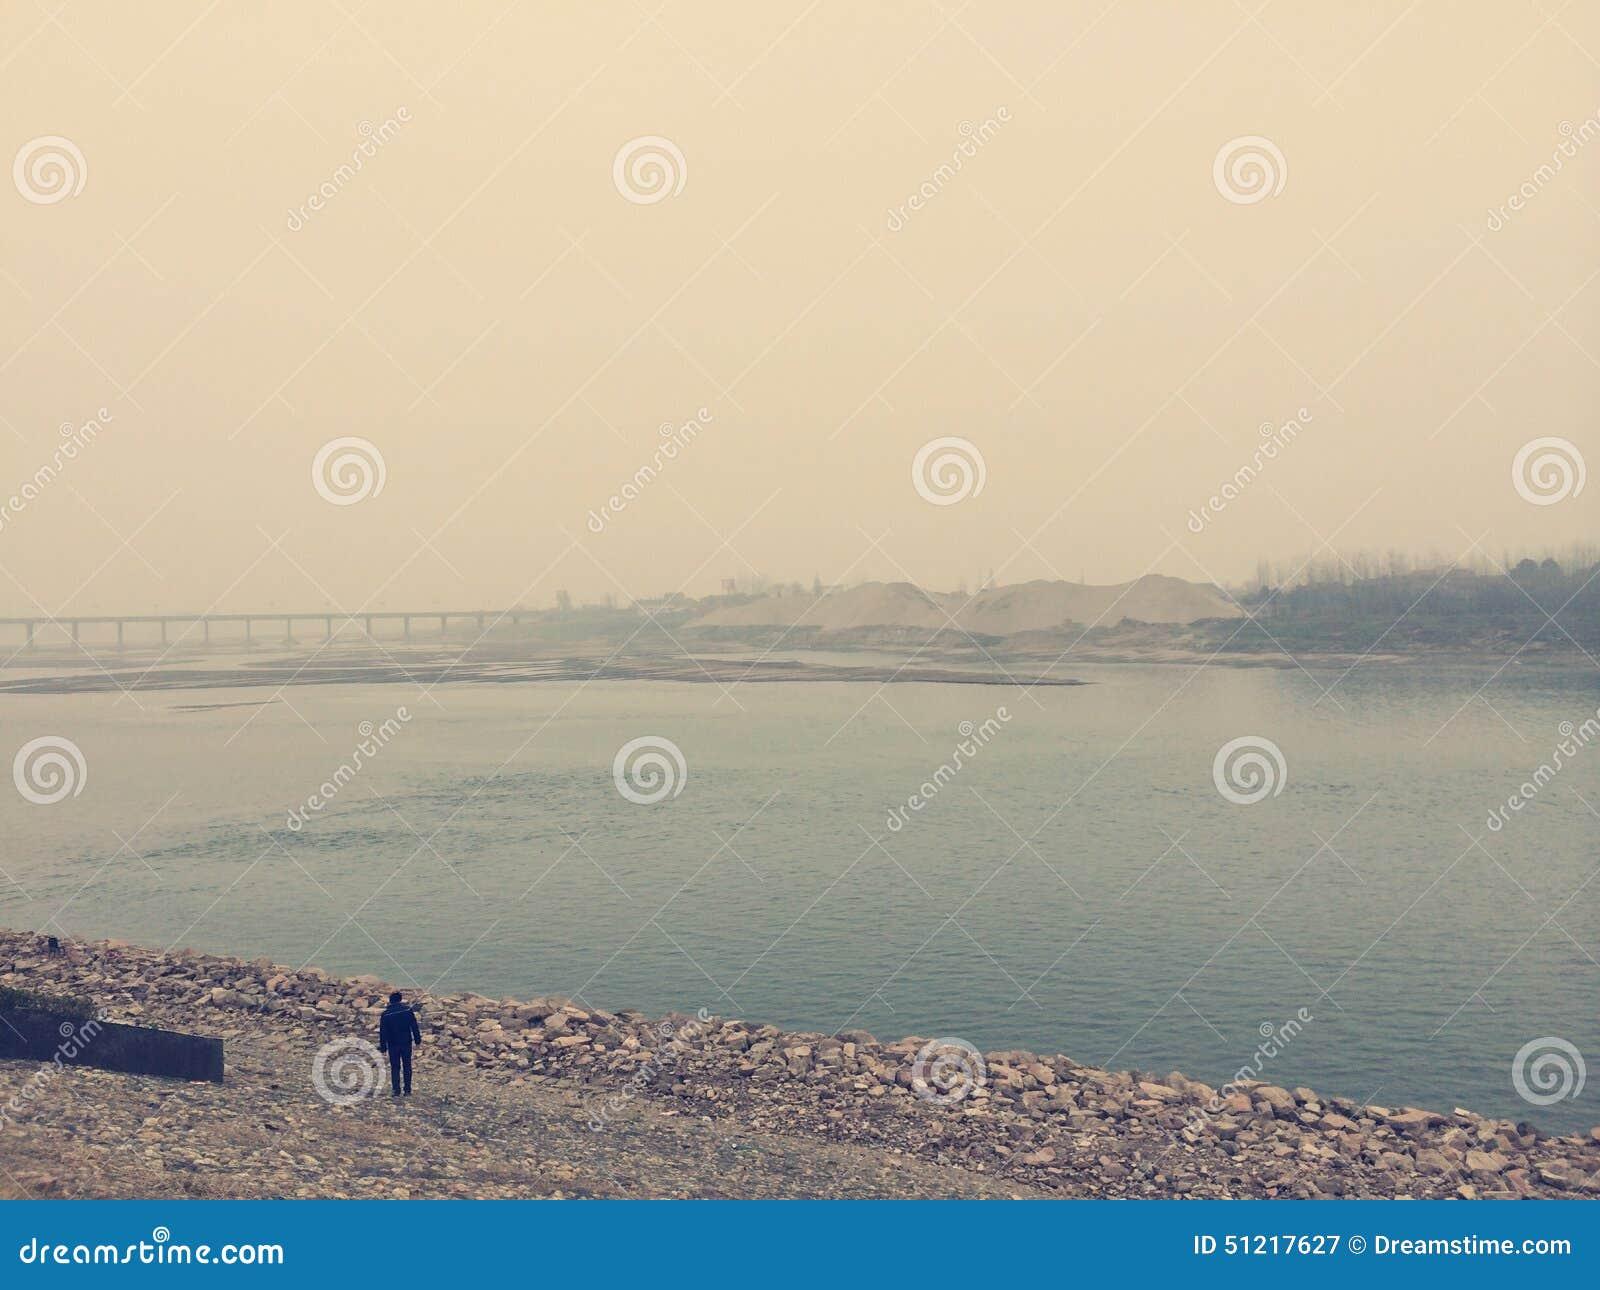 The Changjiang River